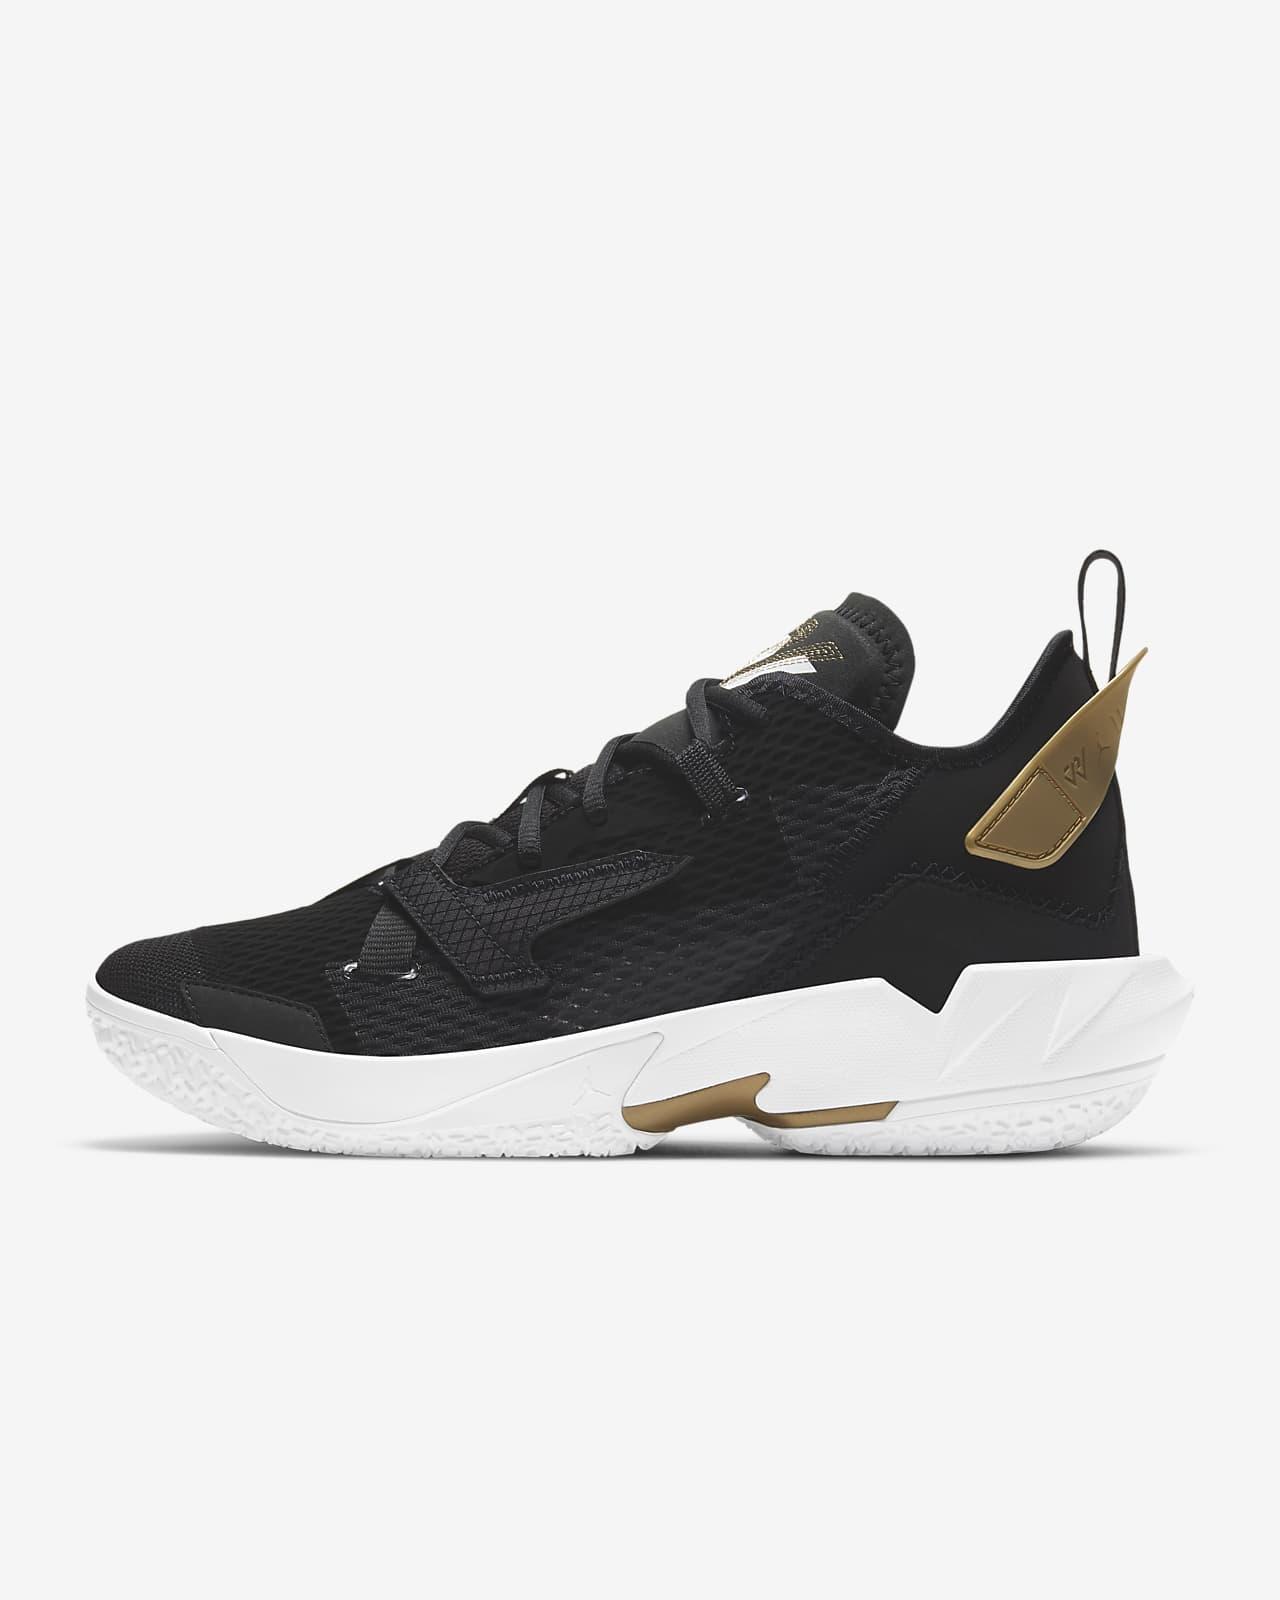 Jordan Why Not? Chaussure de basketball Zer0.4 « Family »